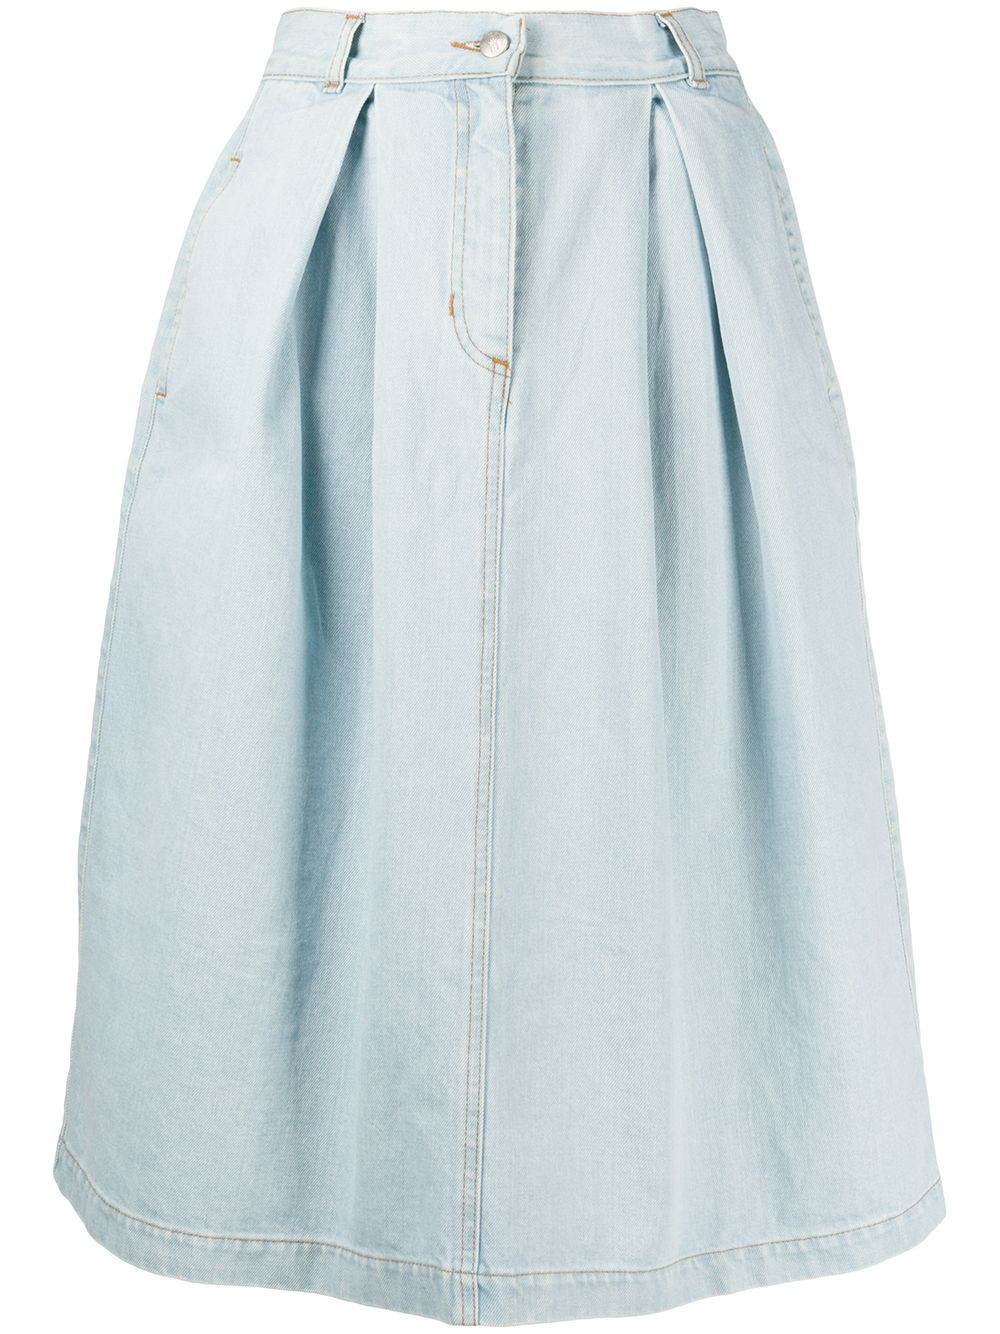 أنواع قماش الجيبات - موديلات جيبات جينز